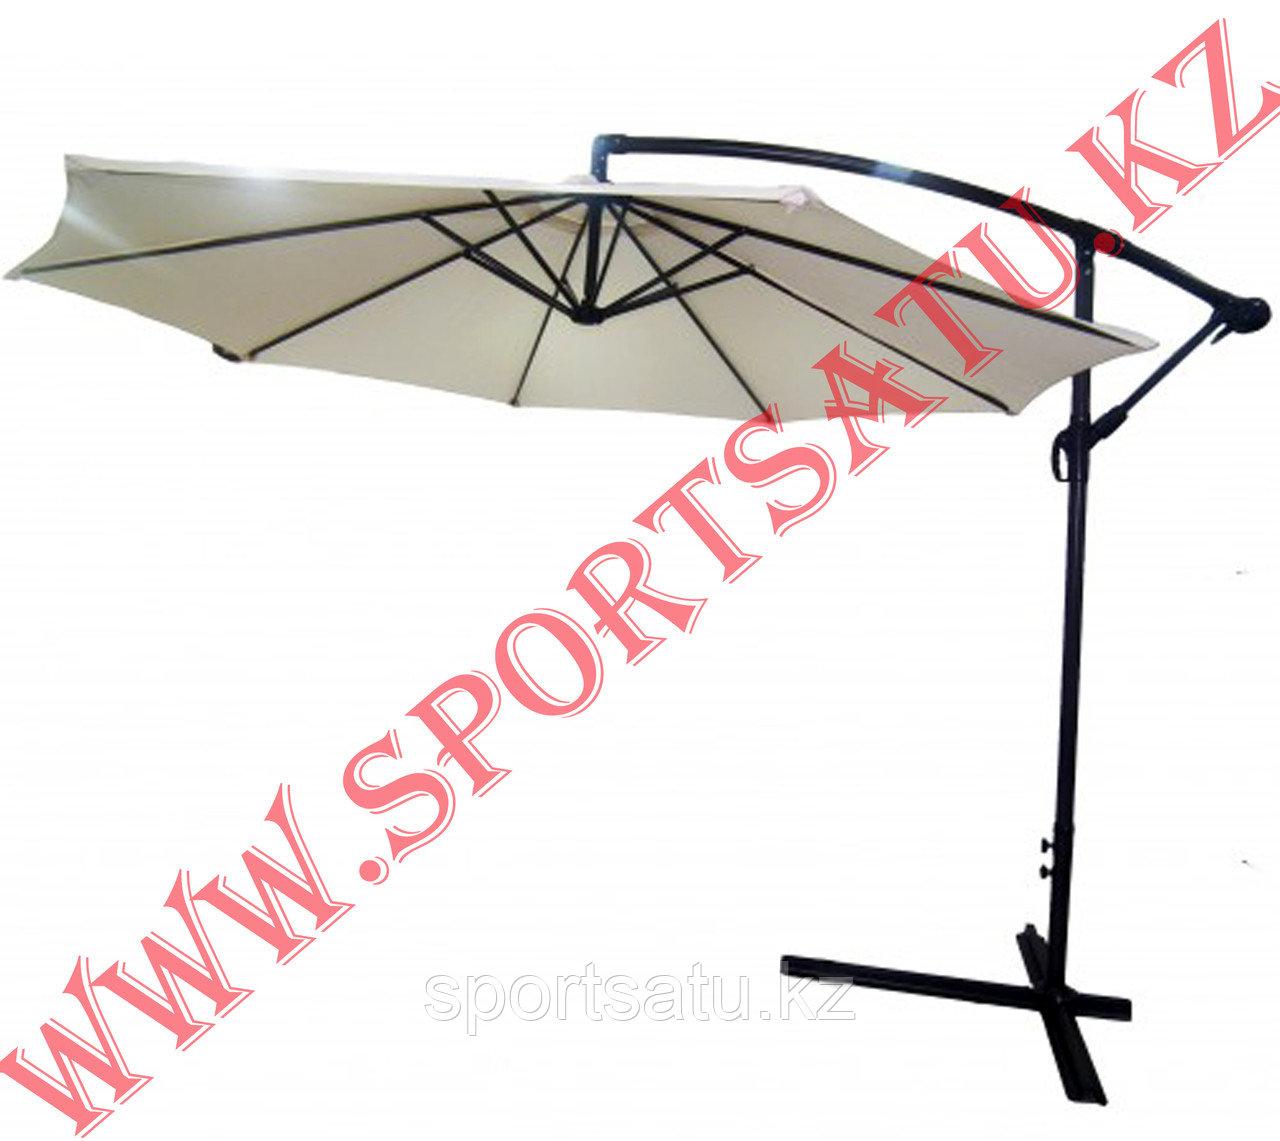 Зонты Для Кафе,Ресторанов И Отдыха 2.5*3м